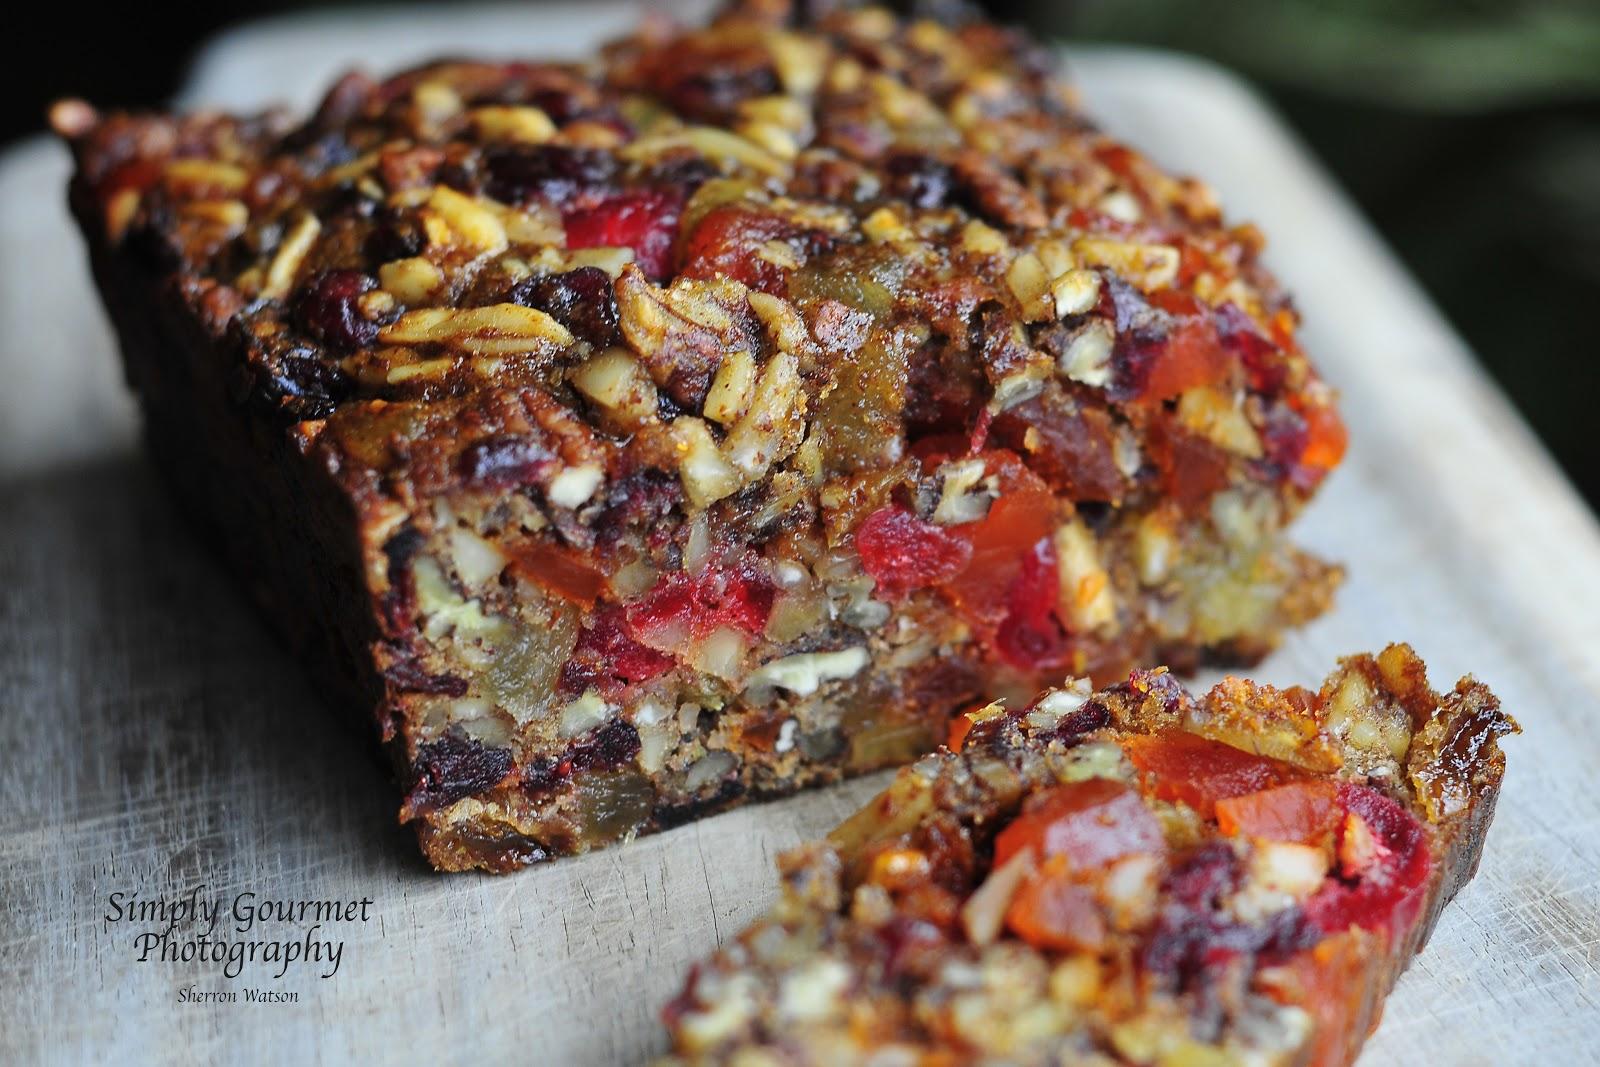 Simply Gourmet Boozy Fruit Cake TwelveLoaves